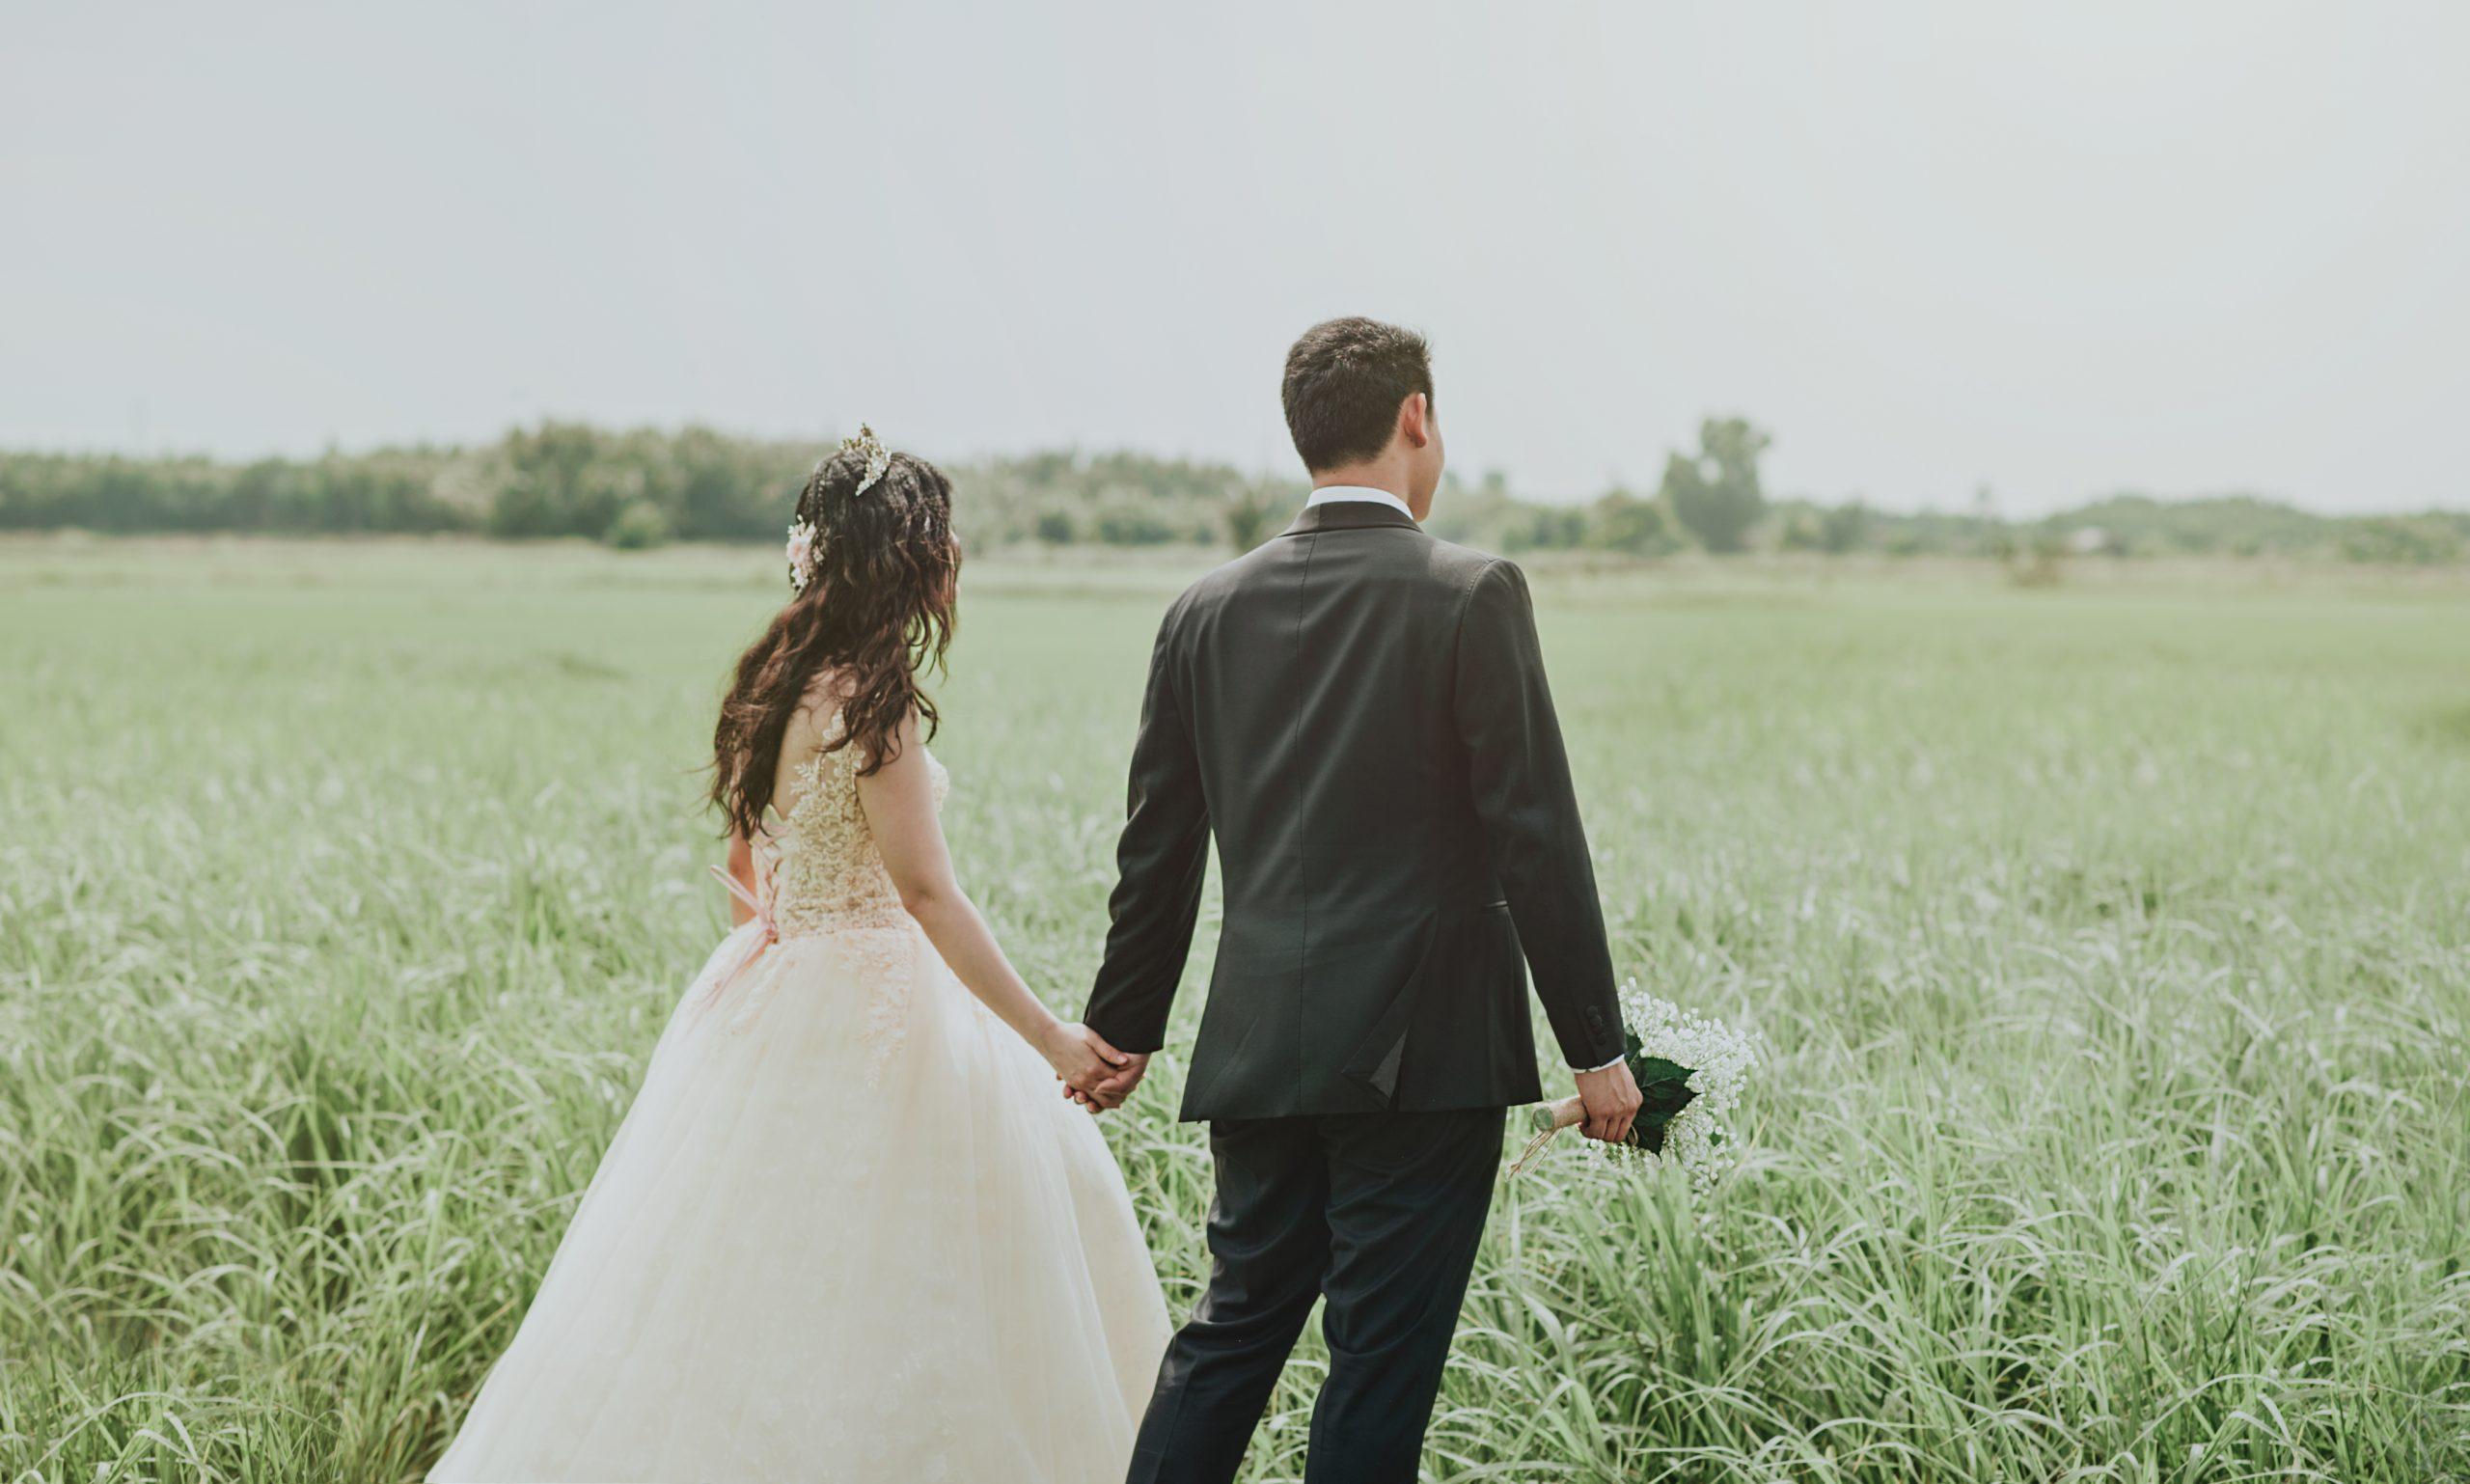 Ærø Kommune og to af de bureauer, der har stor succes med at hente udenlandske par til øen for at blive gift, efterlyser redskaber til at spotte proforma-ægteskaber. (Arkivfoto)